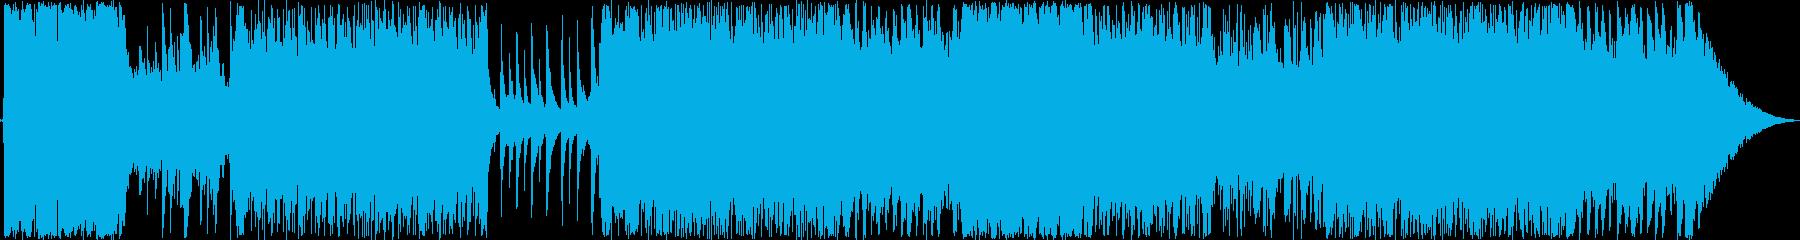 おしゃれPOPロックの再生済みの波形